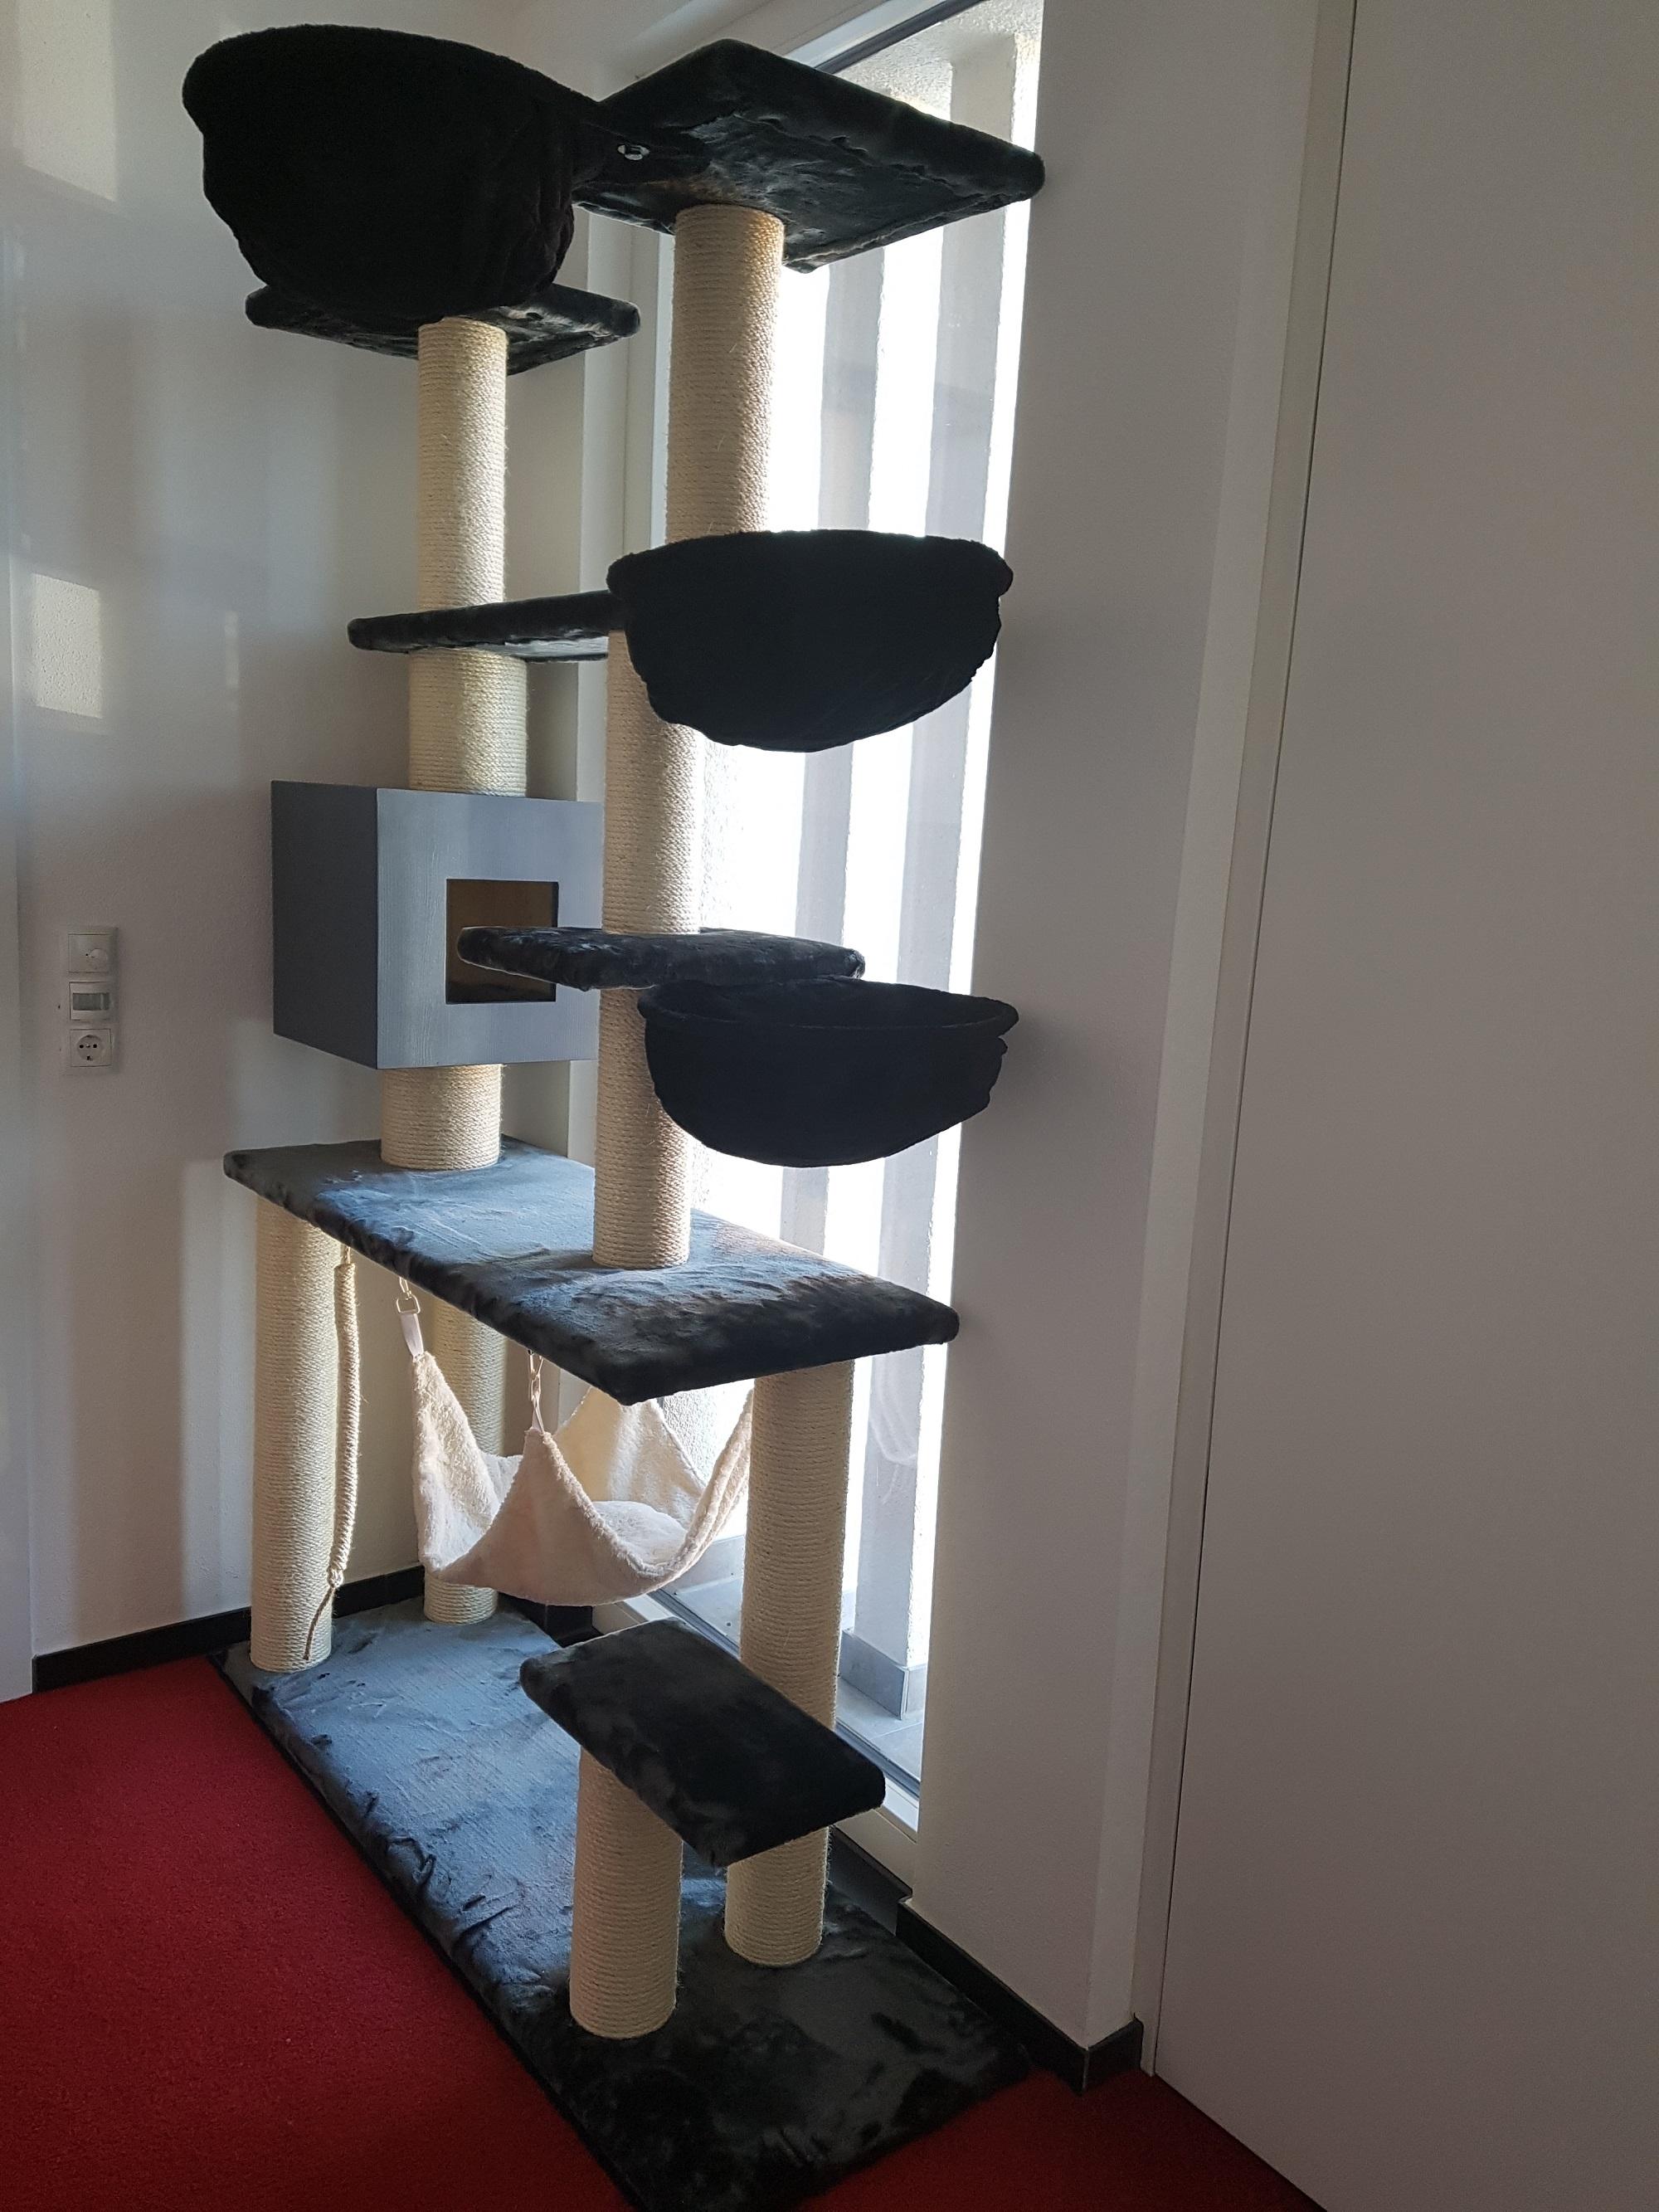 kratzbaum g nstig zu verkaufen katzenbaum spielzeug f r katzen. Black Bedroom Furniture Sets. Home Design Ideas